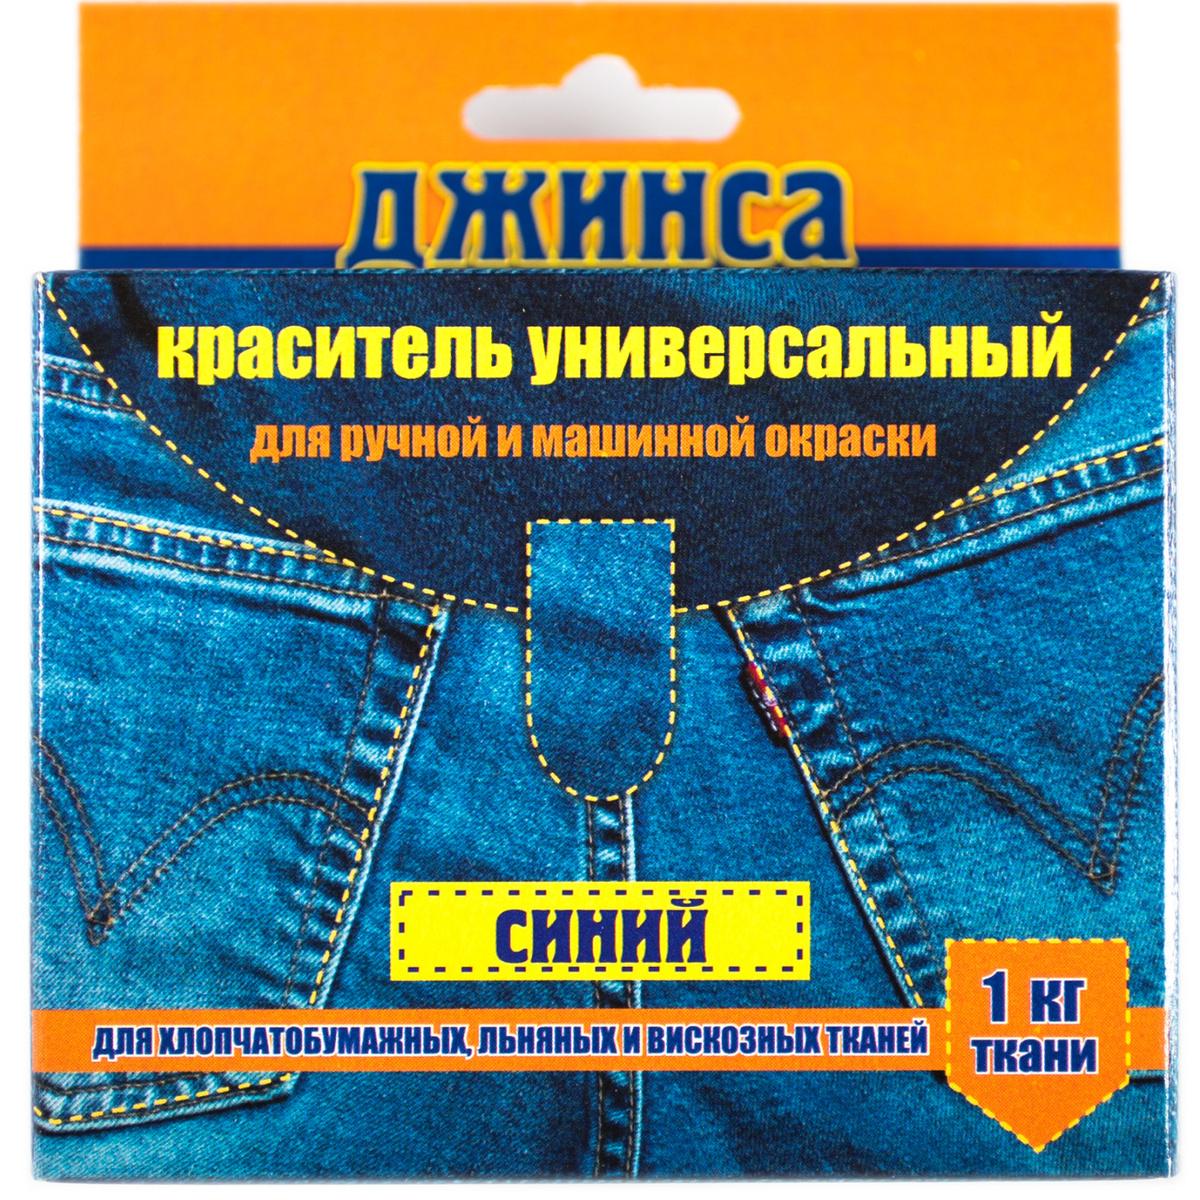 Краситель для ткани универсальный, для ручной и машинной окраски, синий, 20 гр.  #1